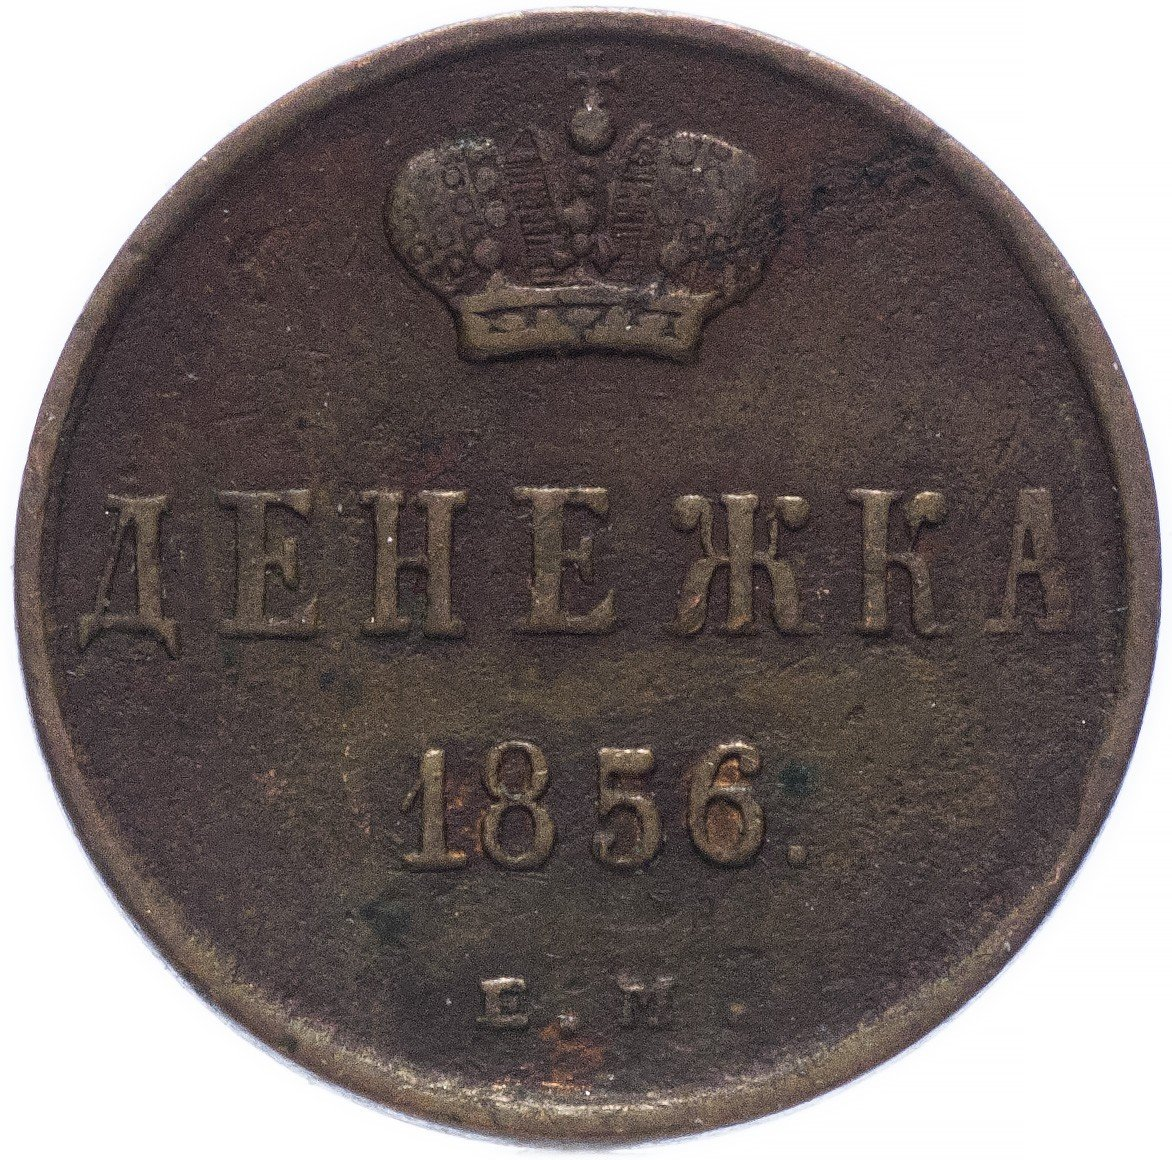 Денежка 1856 2 рубля ушаков цена купить